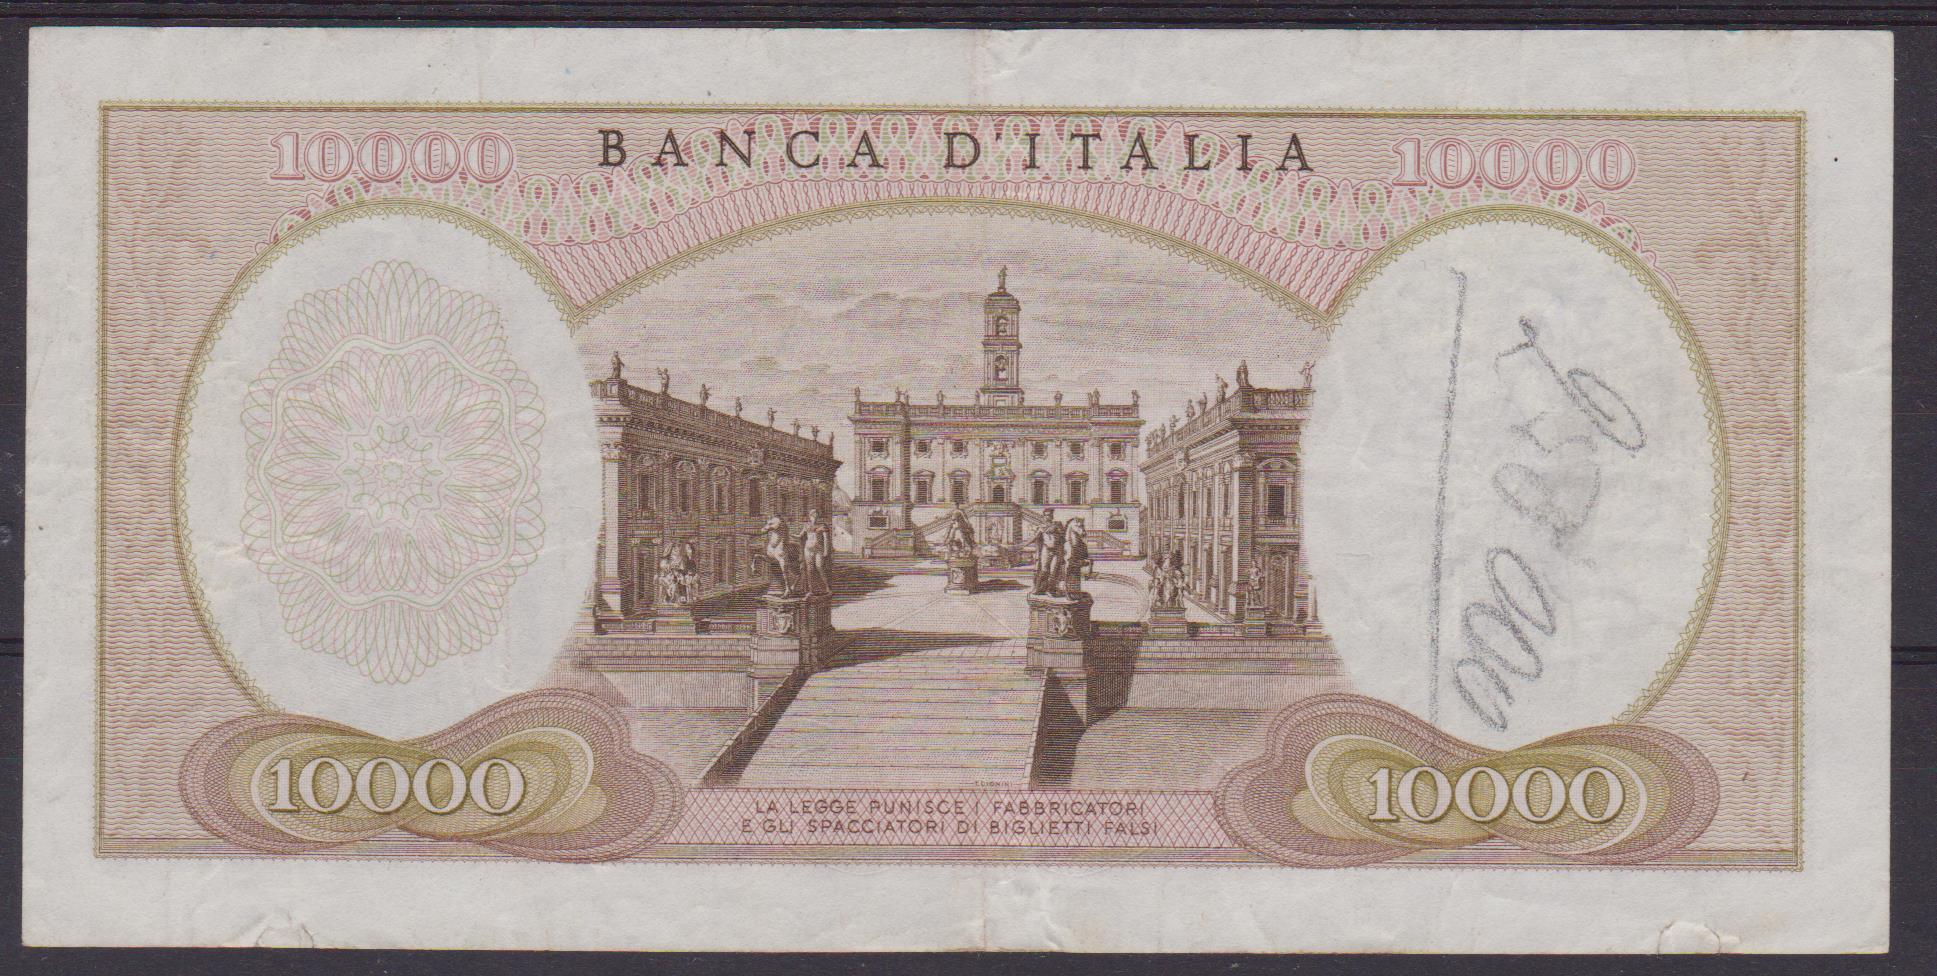 banconota lire 10000 2 001